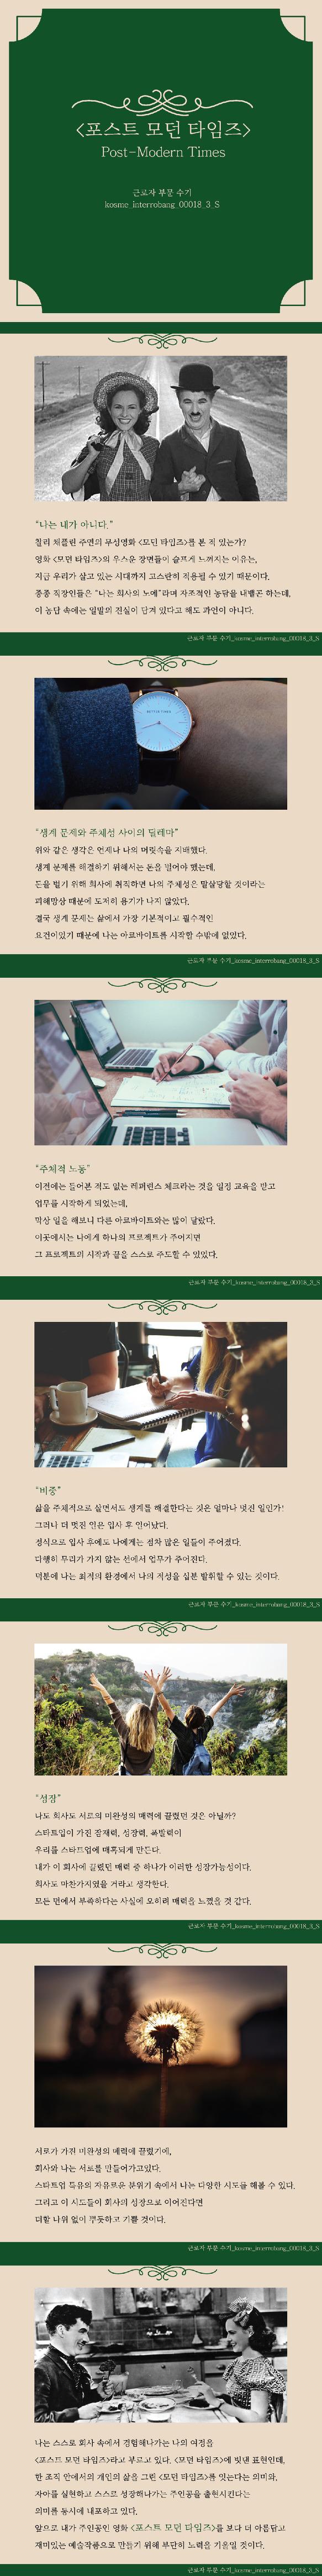 [근로자부문 수기 수상작 카드뉴스] 포스트 모던 타임즈